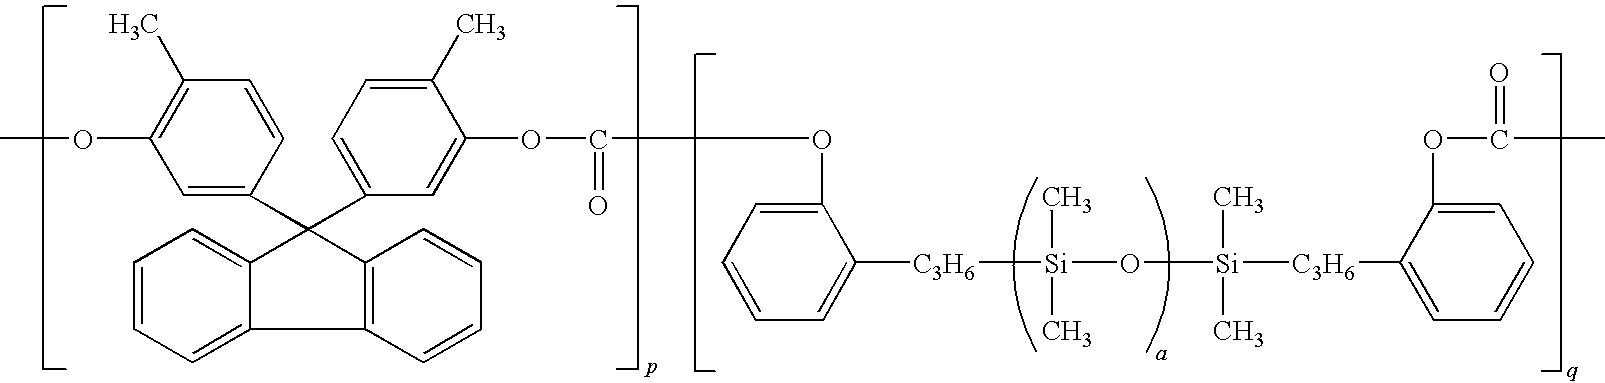 Figure US08007970-20110830-C00092